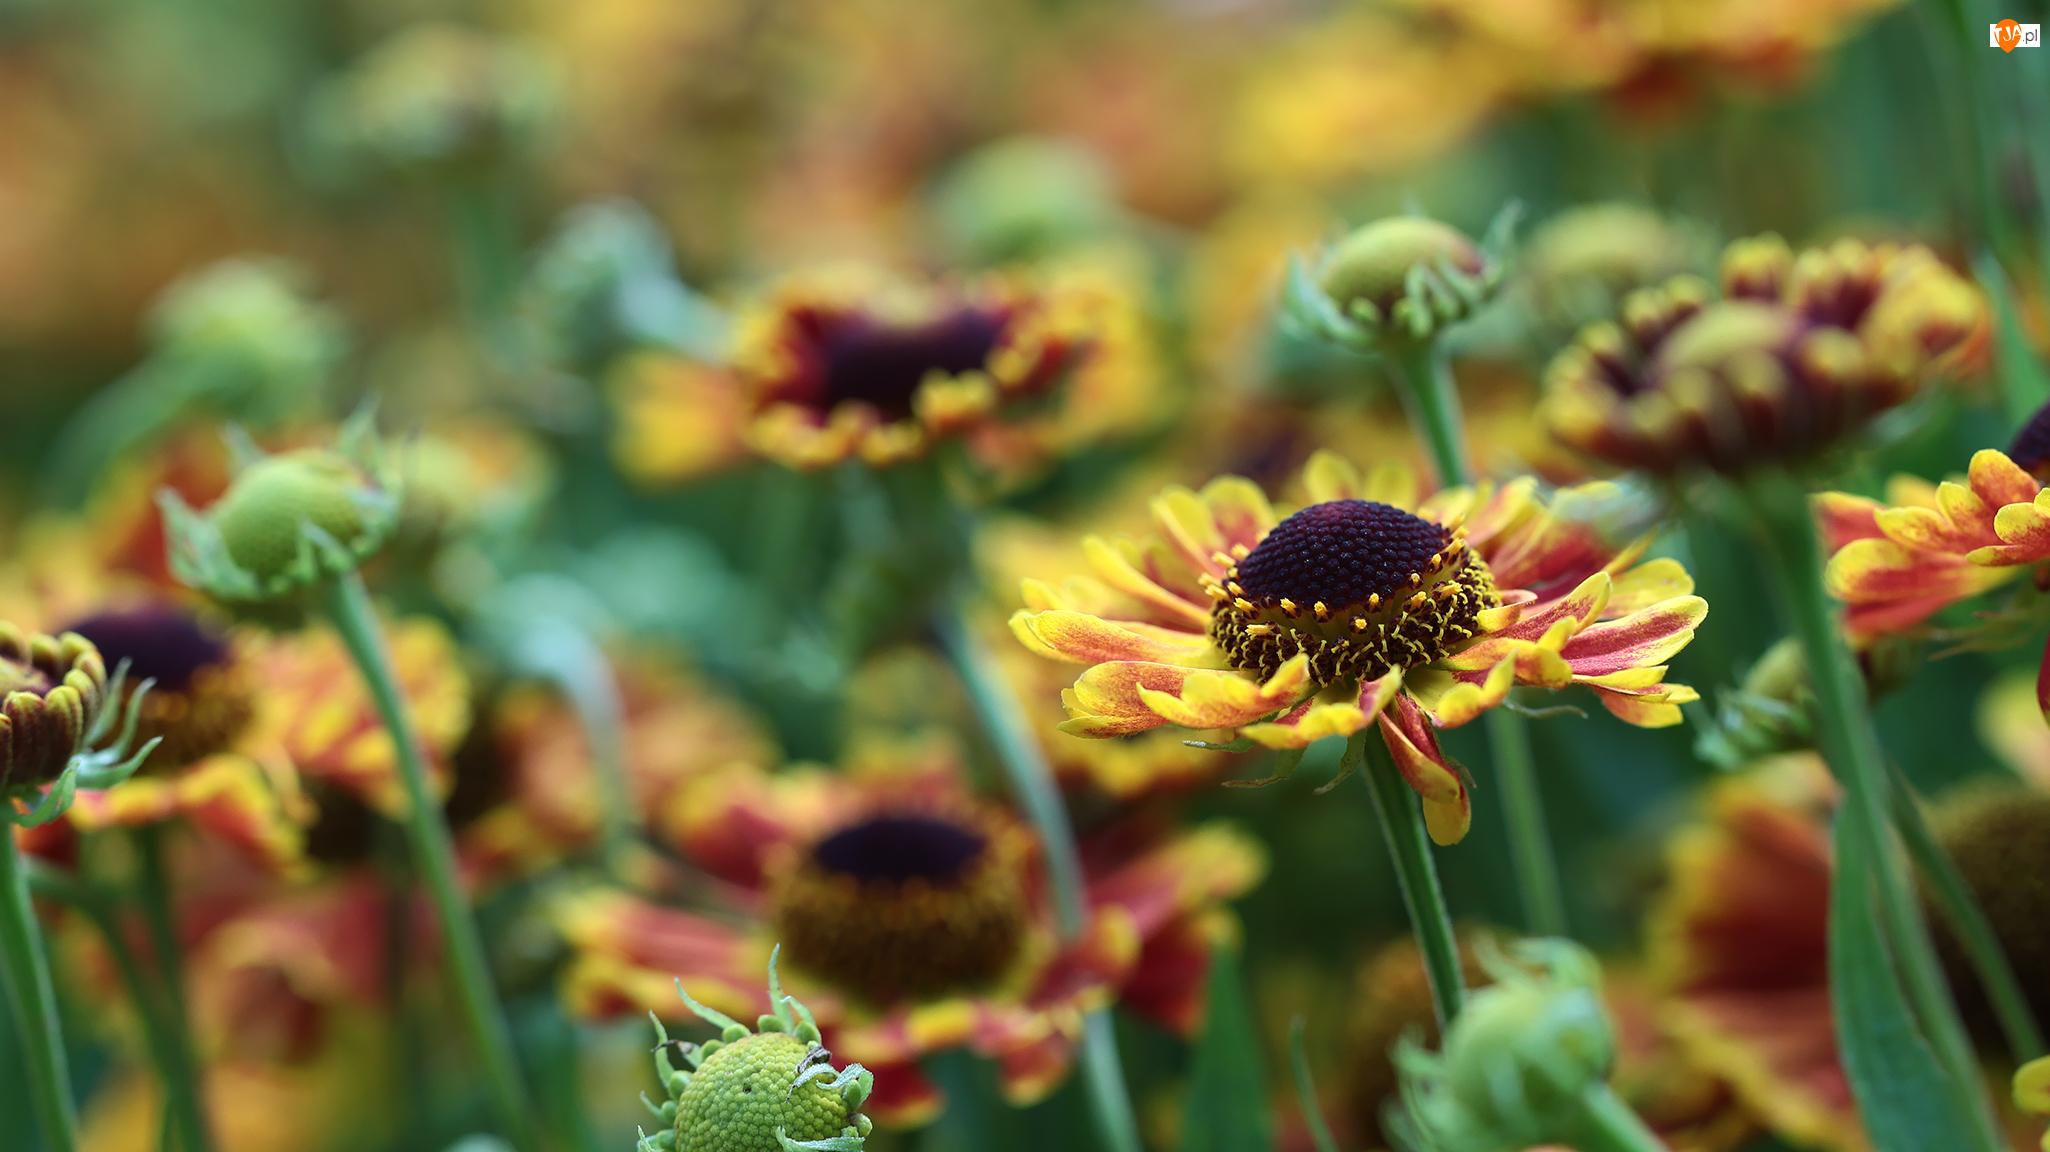 Dzielżan ogrodowy, Kwiaty, Żółte, Czerwone